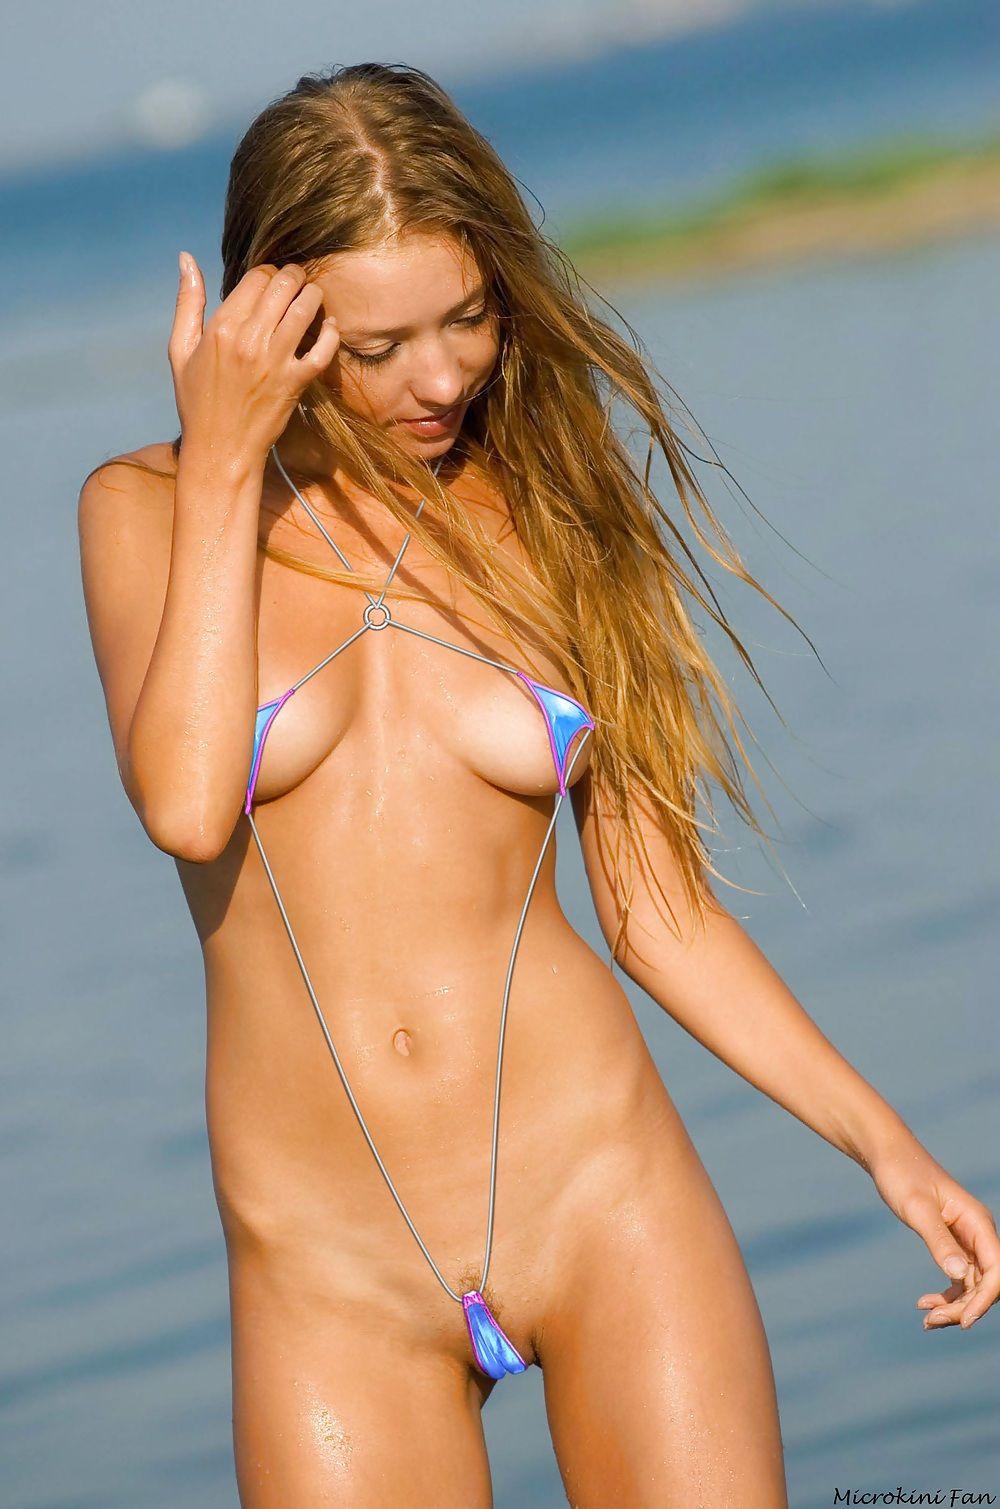 bikinis-nudes